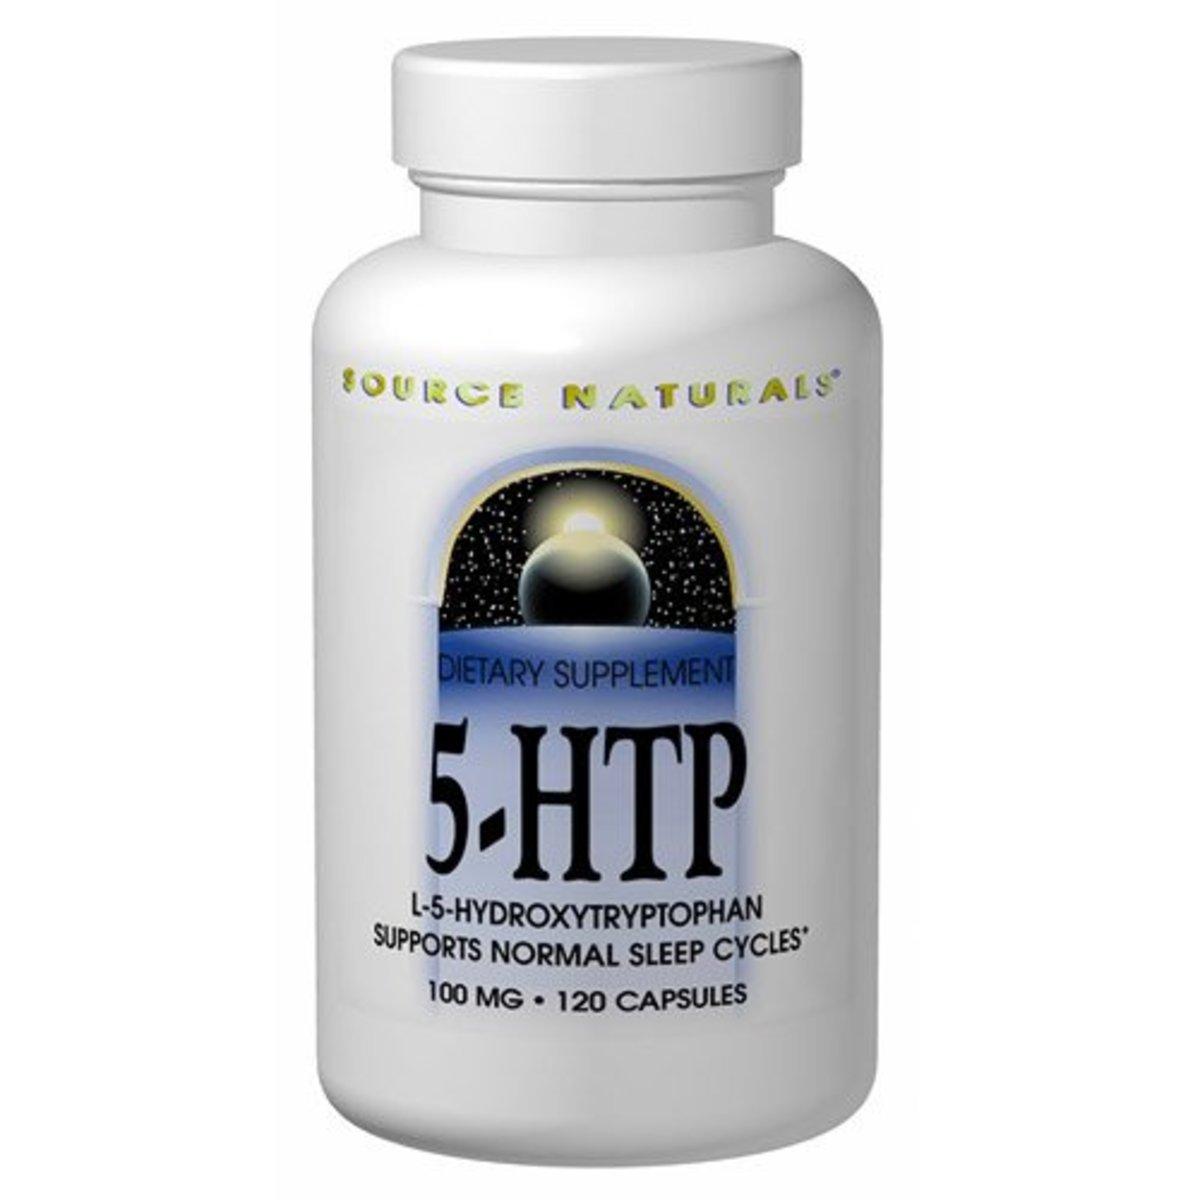 Serotonin dietary supplement